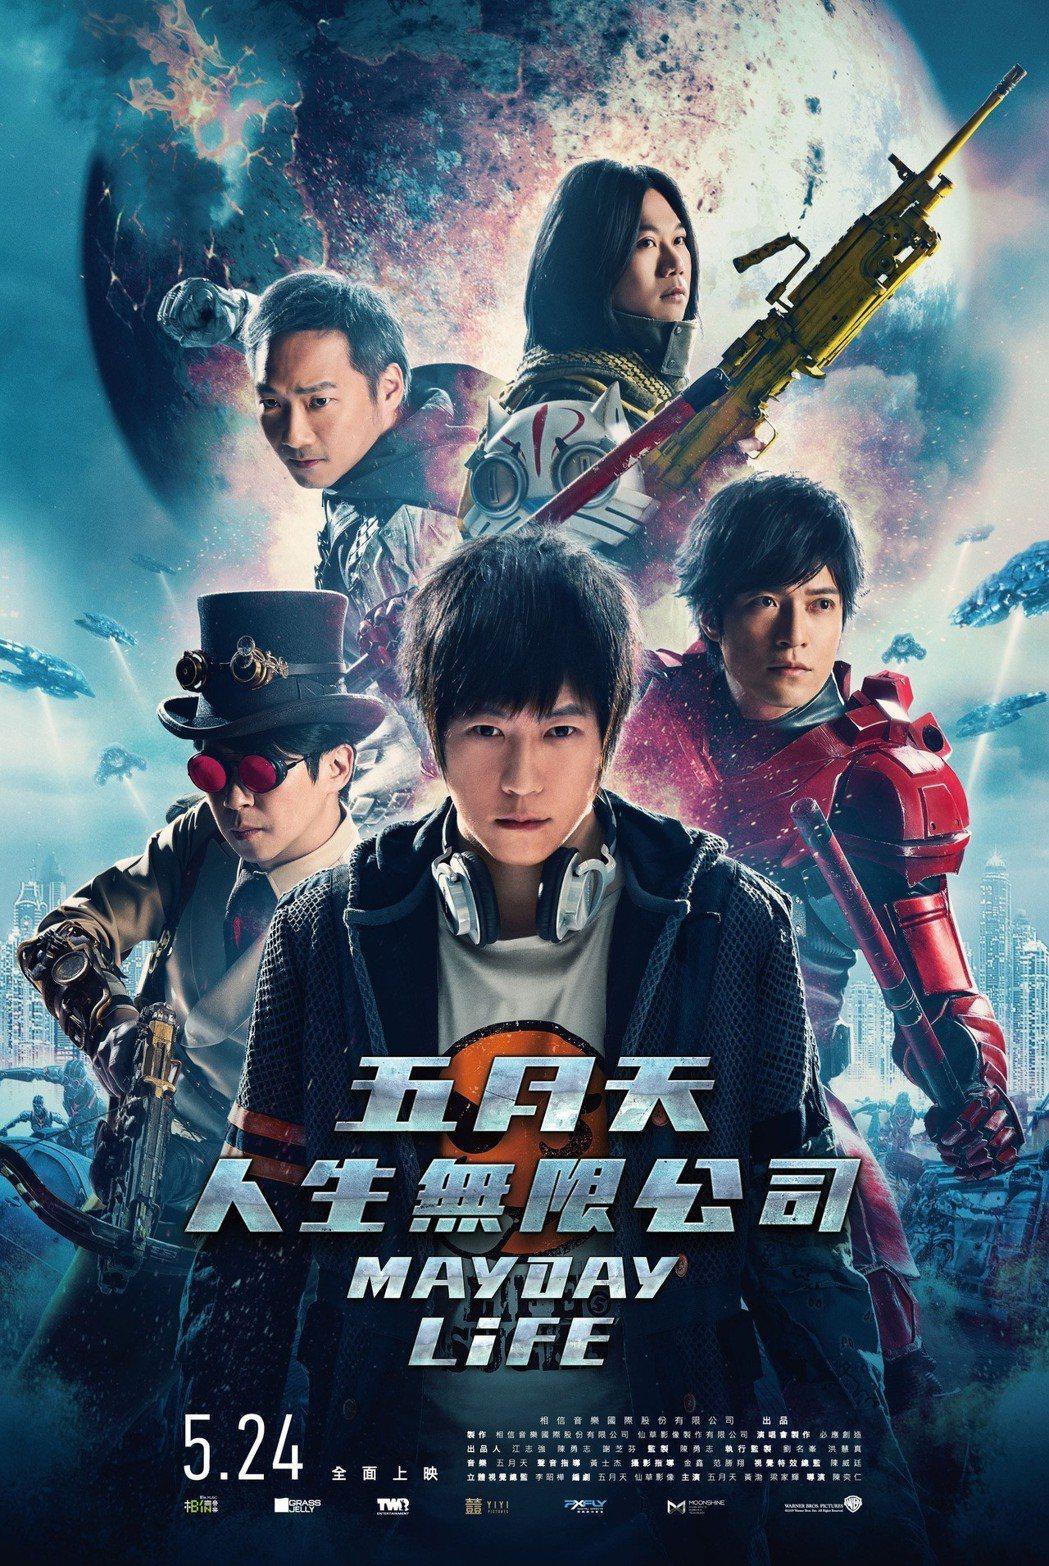 「五月天人生無限公司」將於5月24日與歌迷在電影院「打卡下班」。圖/相信音樂提供